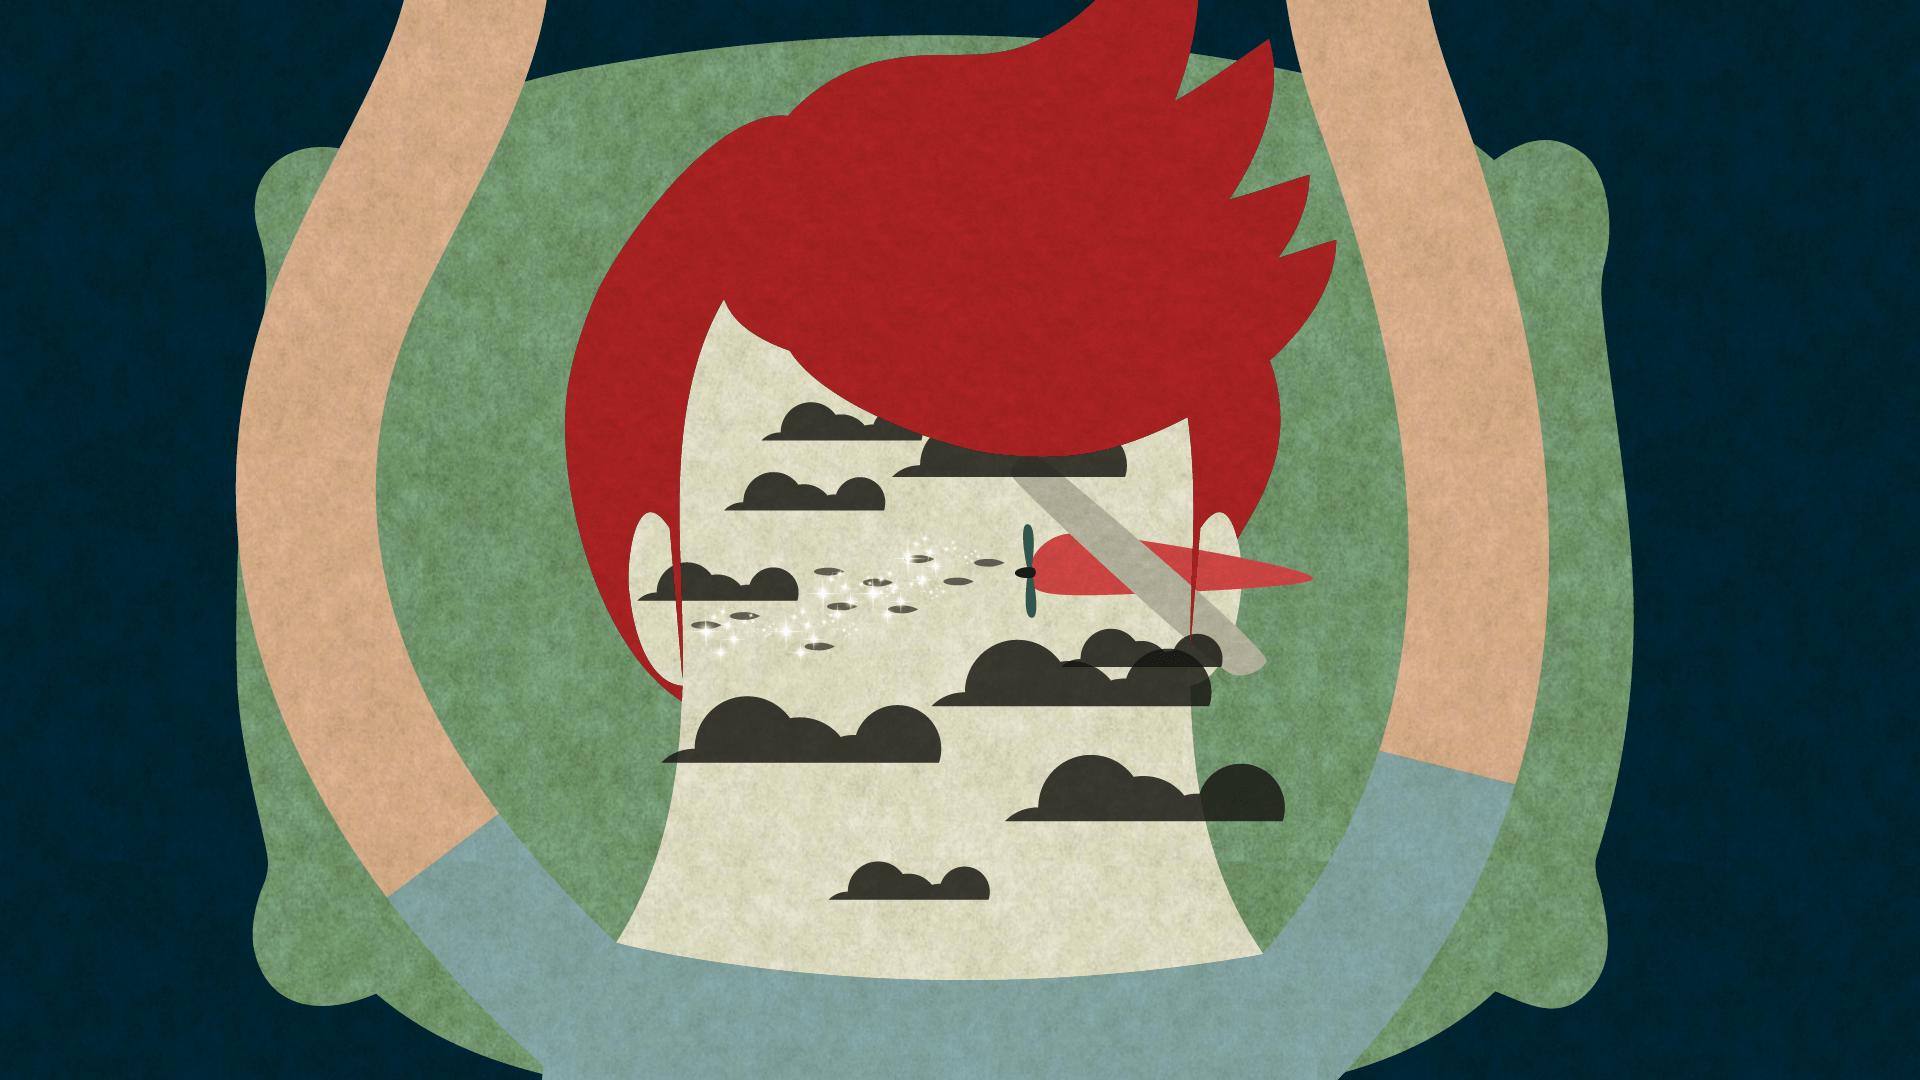 Venti Mesi è una raccolta di venti storie giocabili che raccontano la resistenza e la liberazione dal nazifascismo.